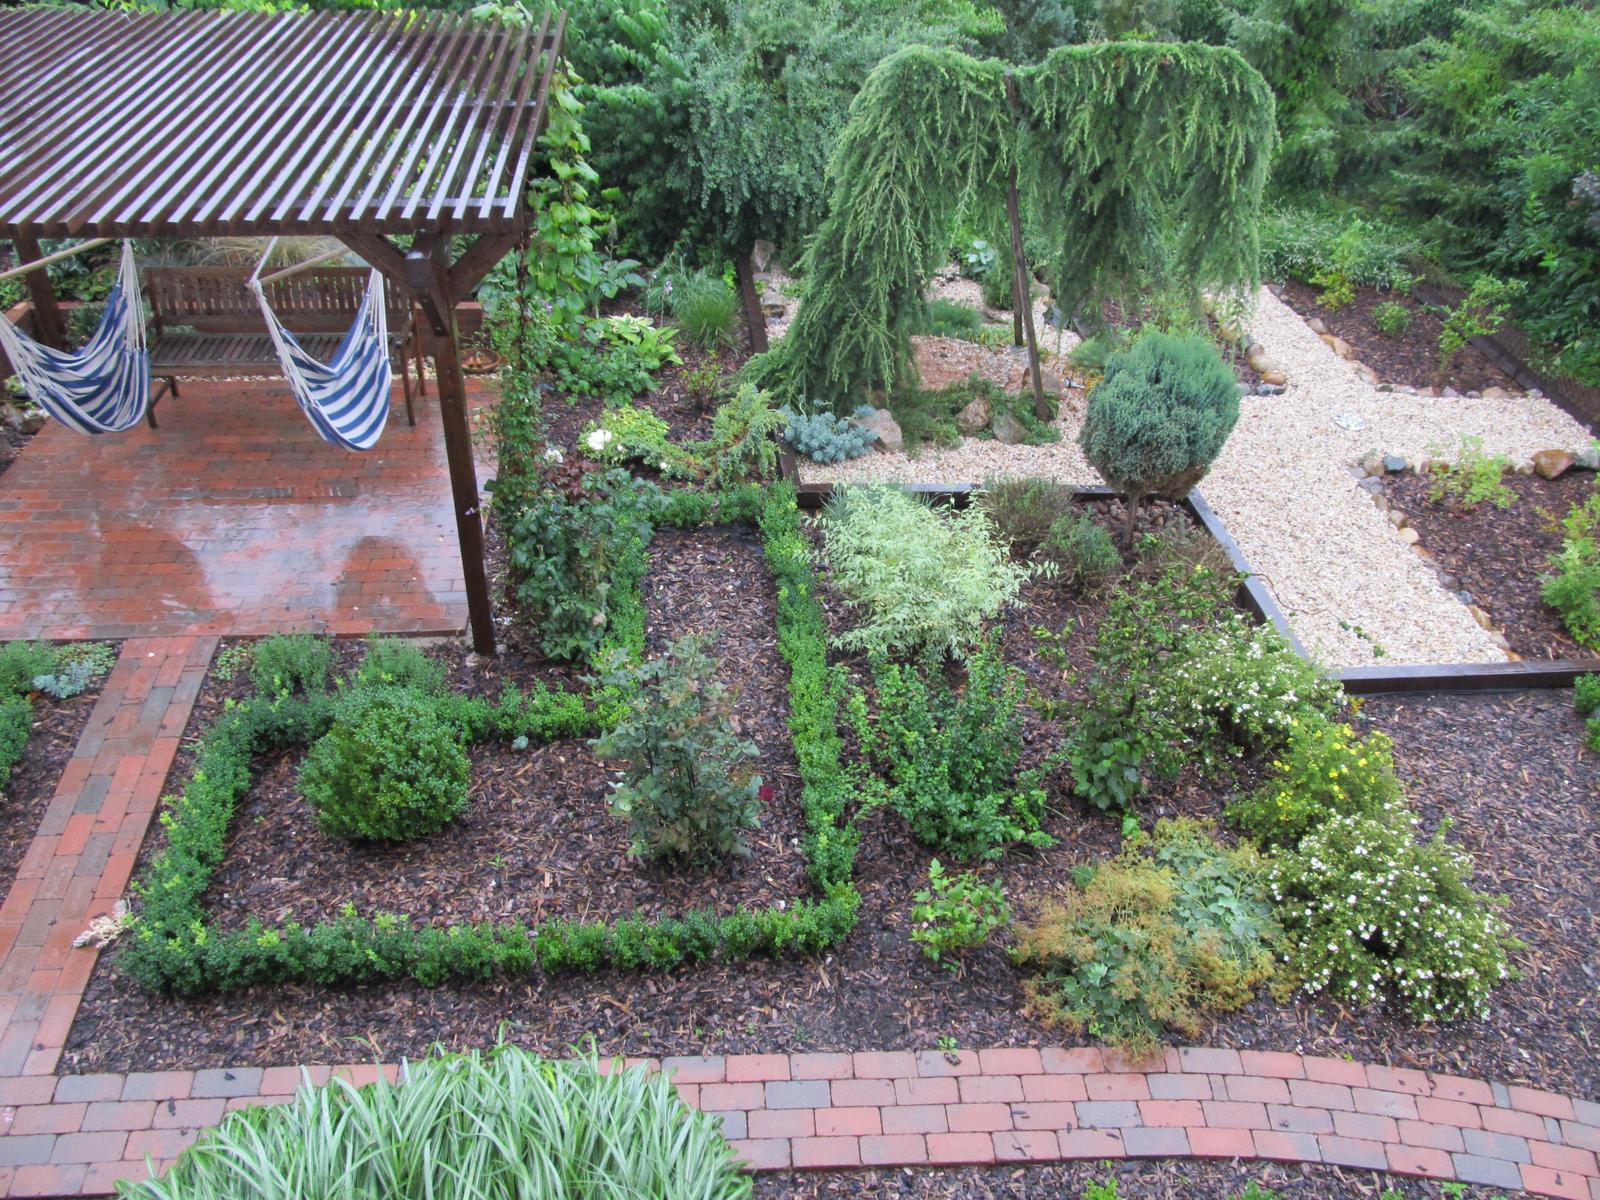 Zahrada z ptačí perspektivy - Obrázek č. 2